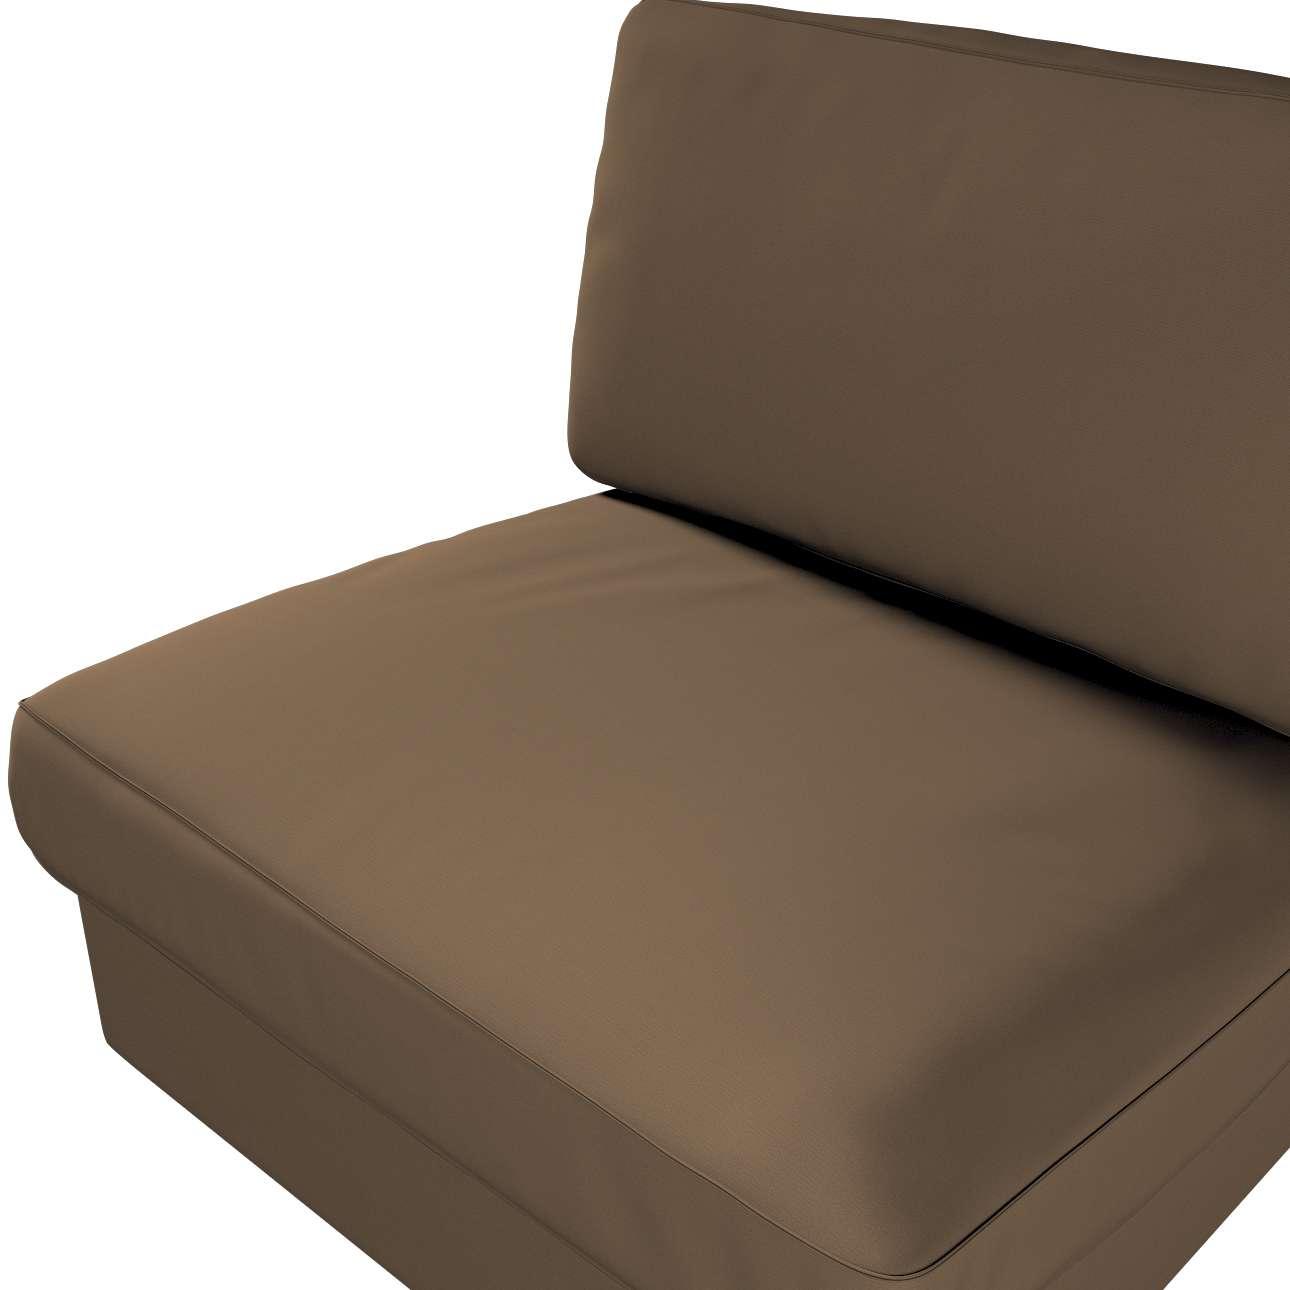 KIVIK fotelio/vienvietės dalies užvalkalas kolekcijoje Cotton Panama, audinys: 702-02